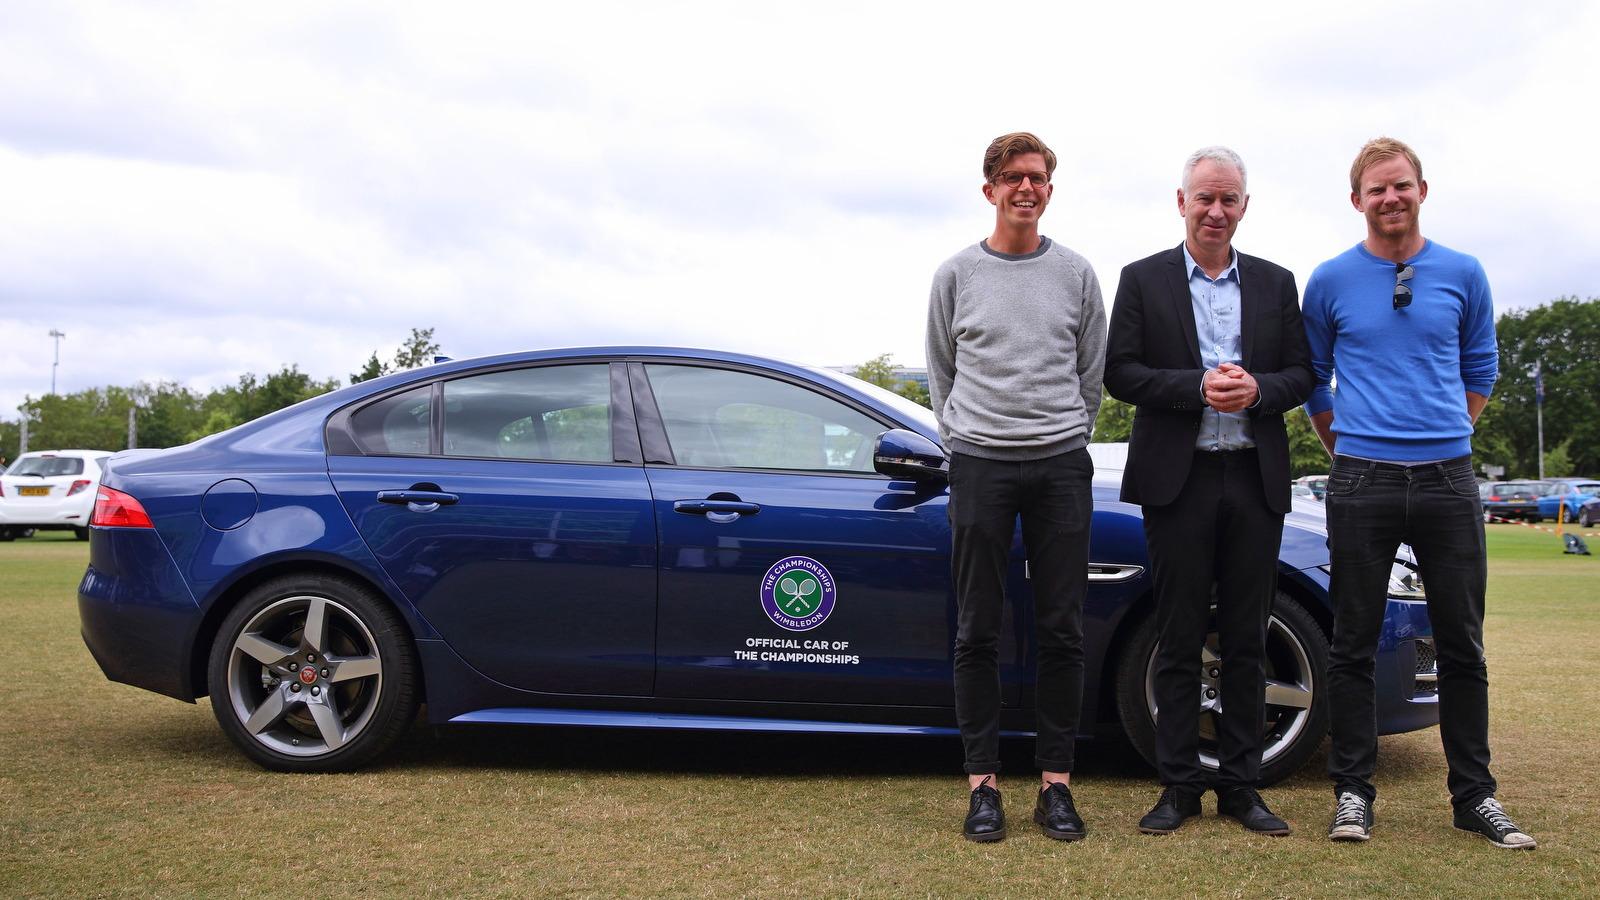 John McEnroe drives the new Jaguar XE at Wimbeldon